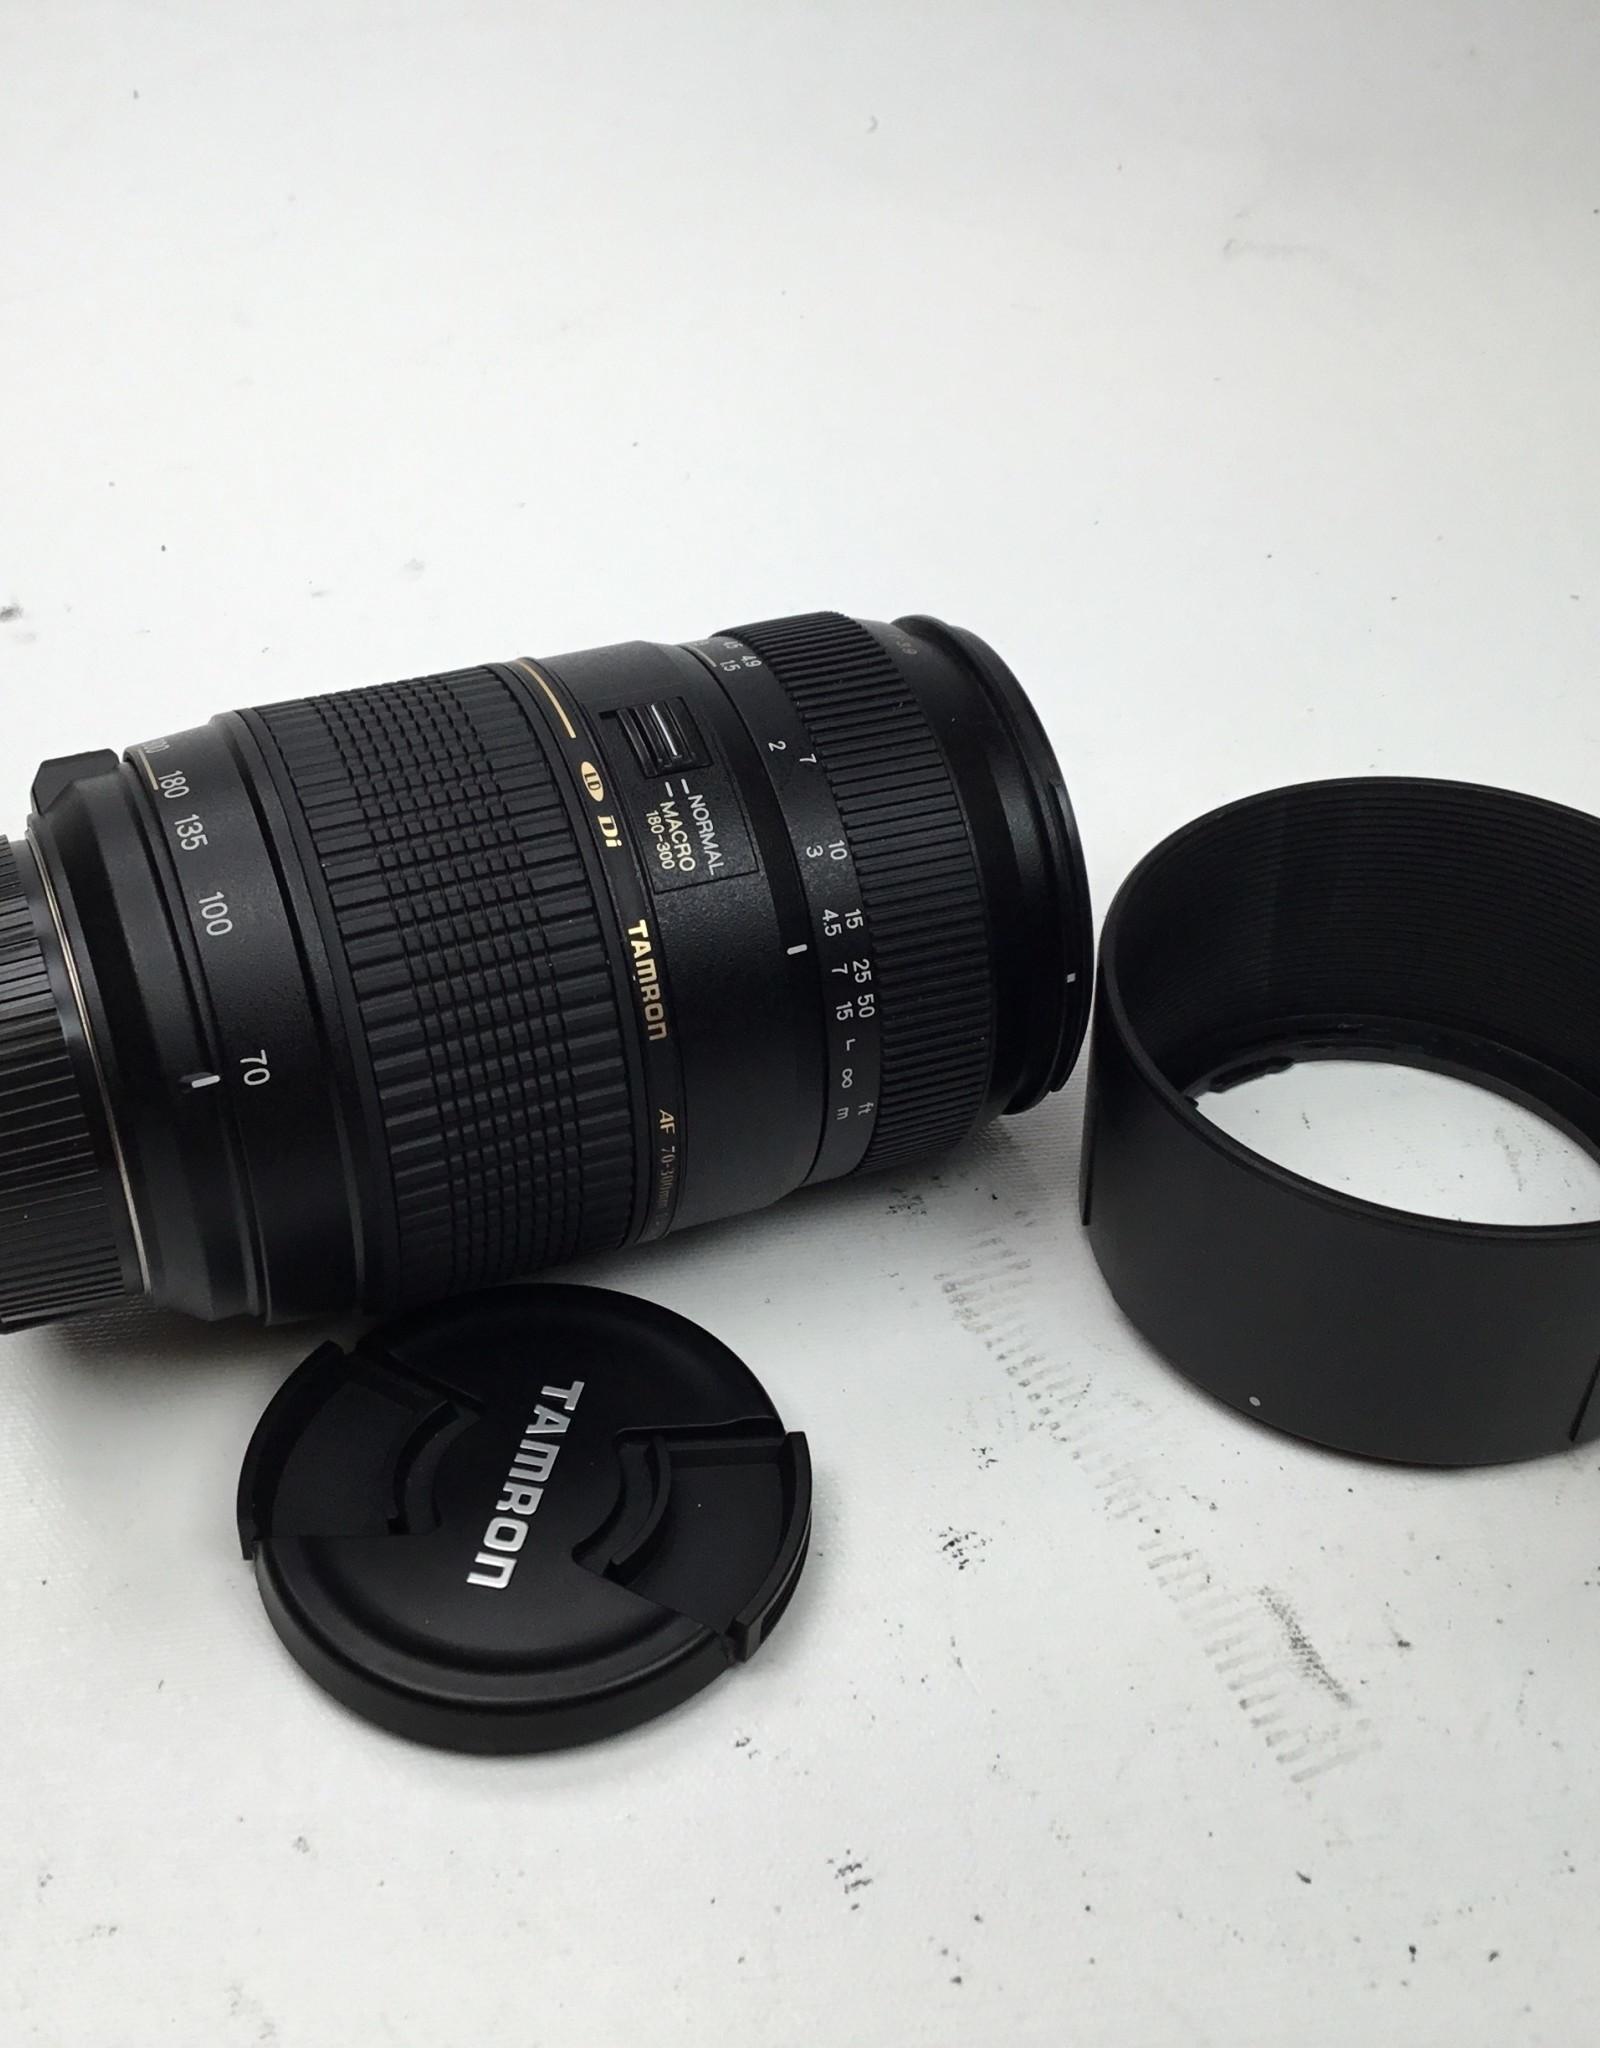 TAMRON Tamron AF 70-300mm f4-5.6 Lens for Nikon Used EX